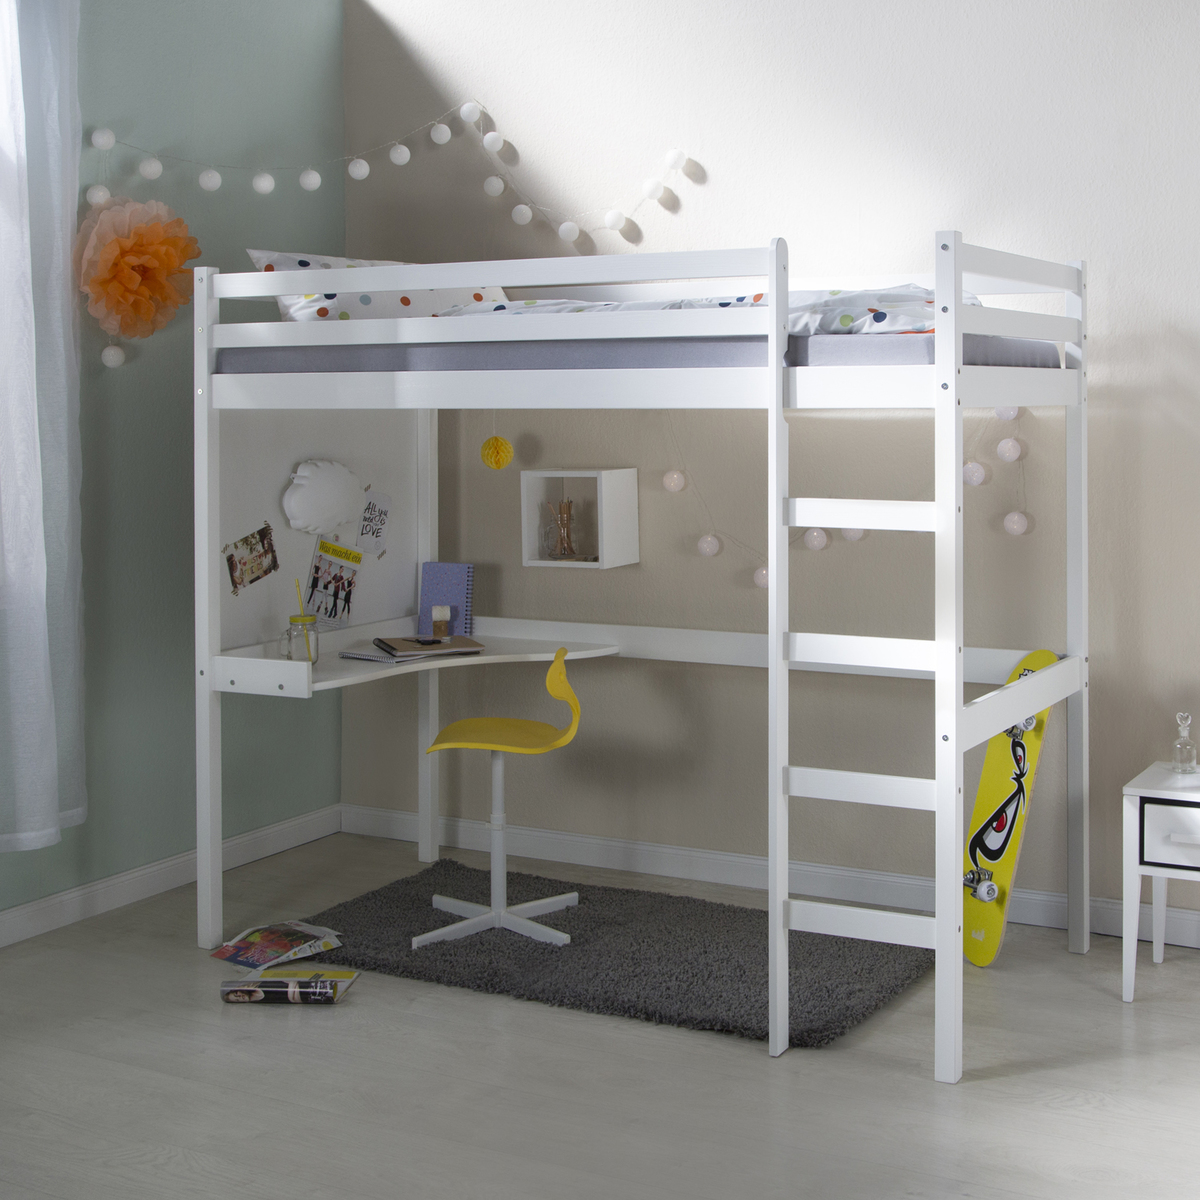 Detská posteľ Ourbaby biela 200x90 cm